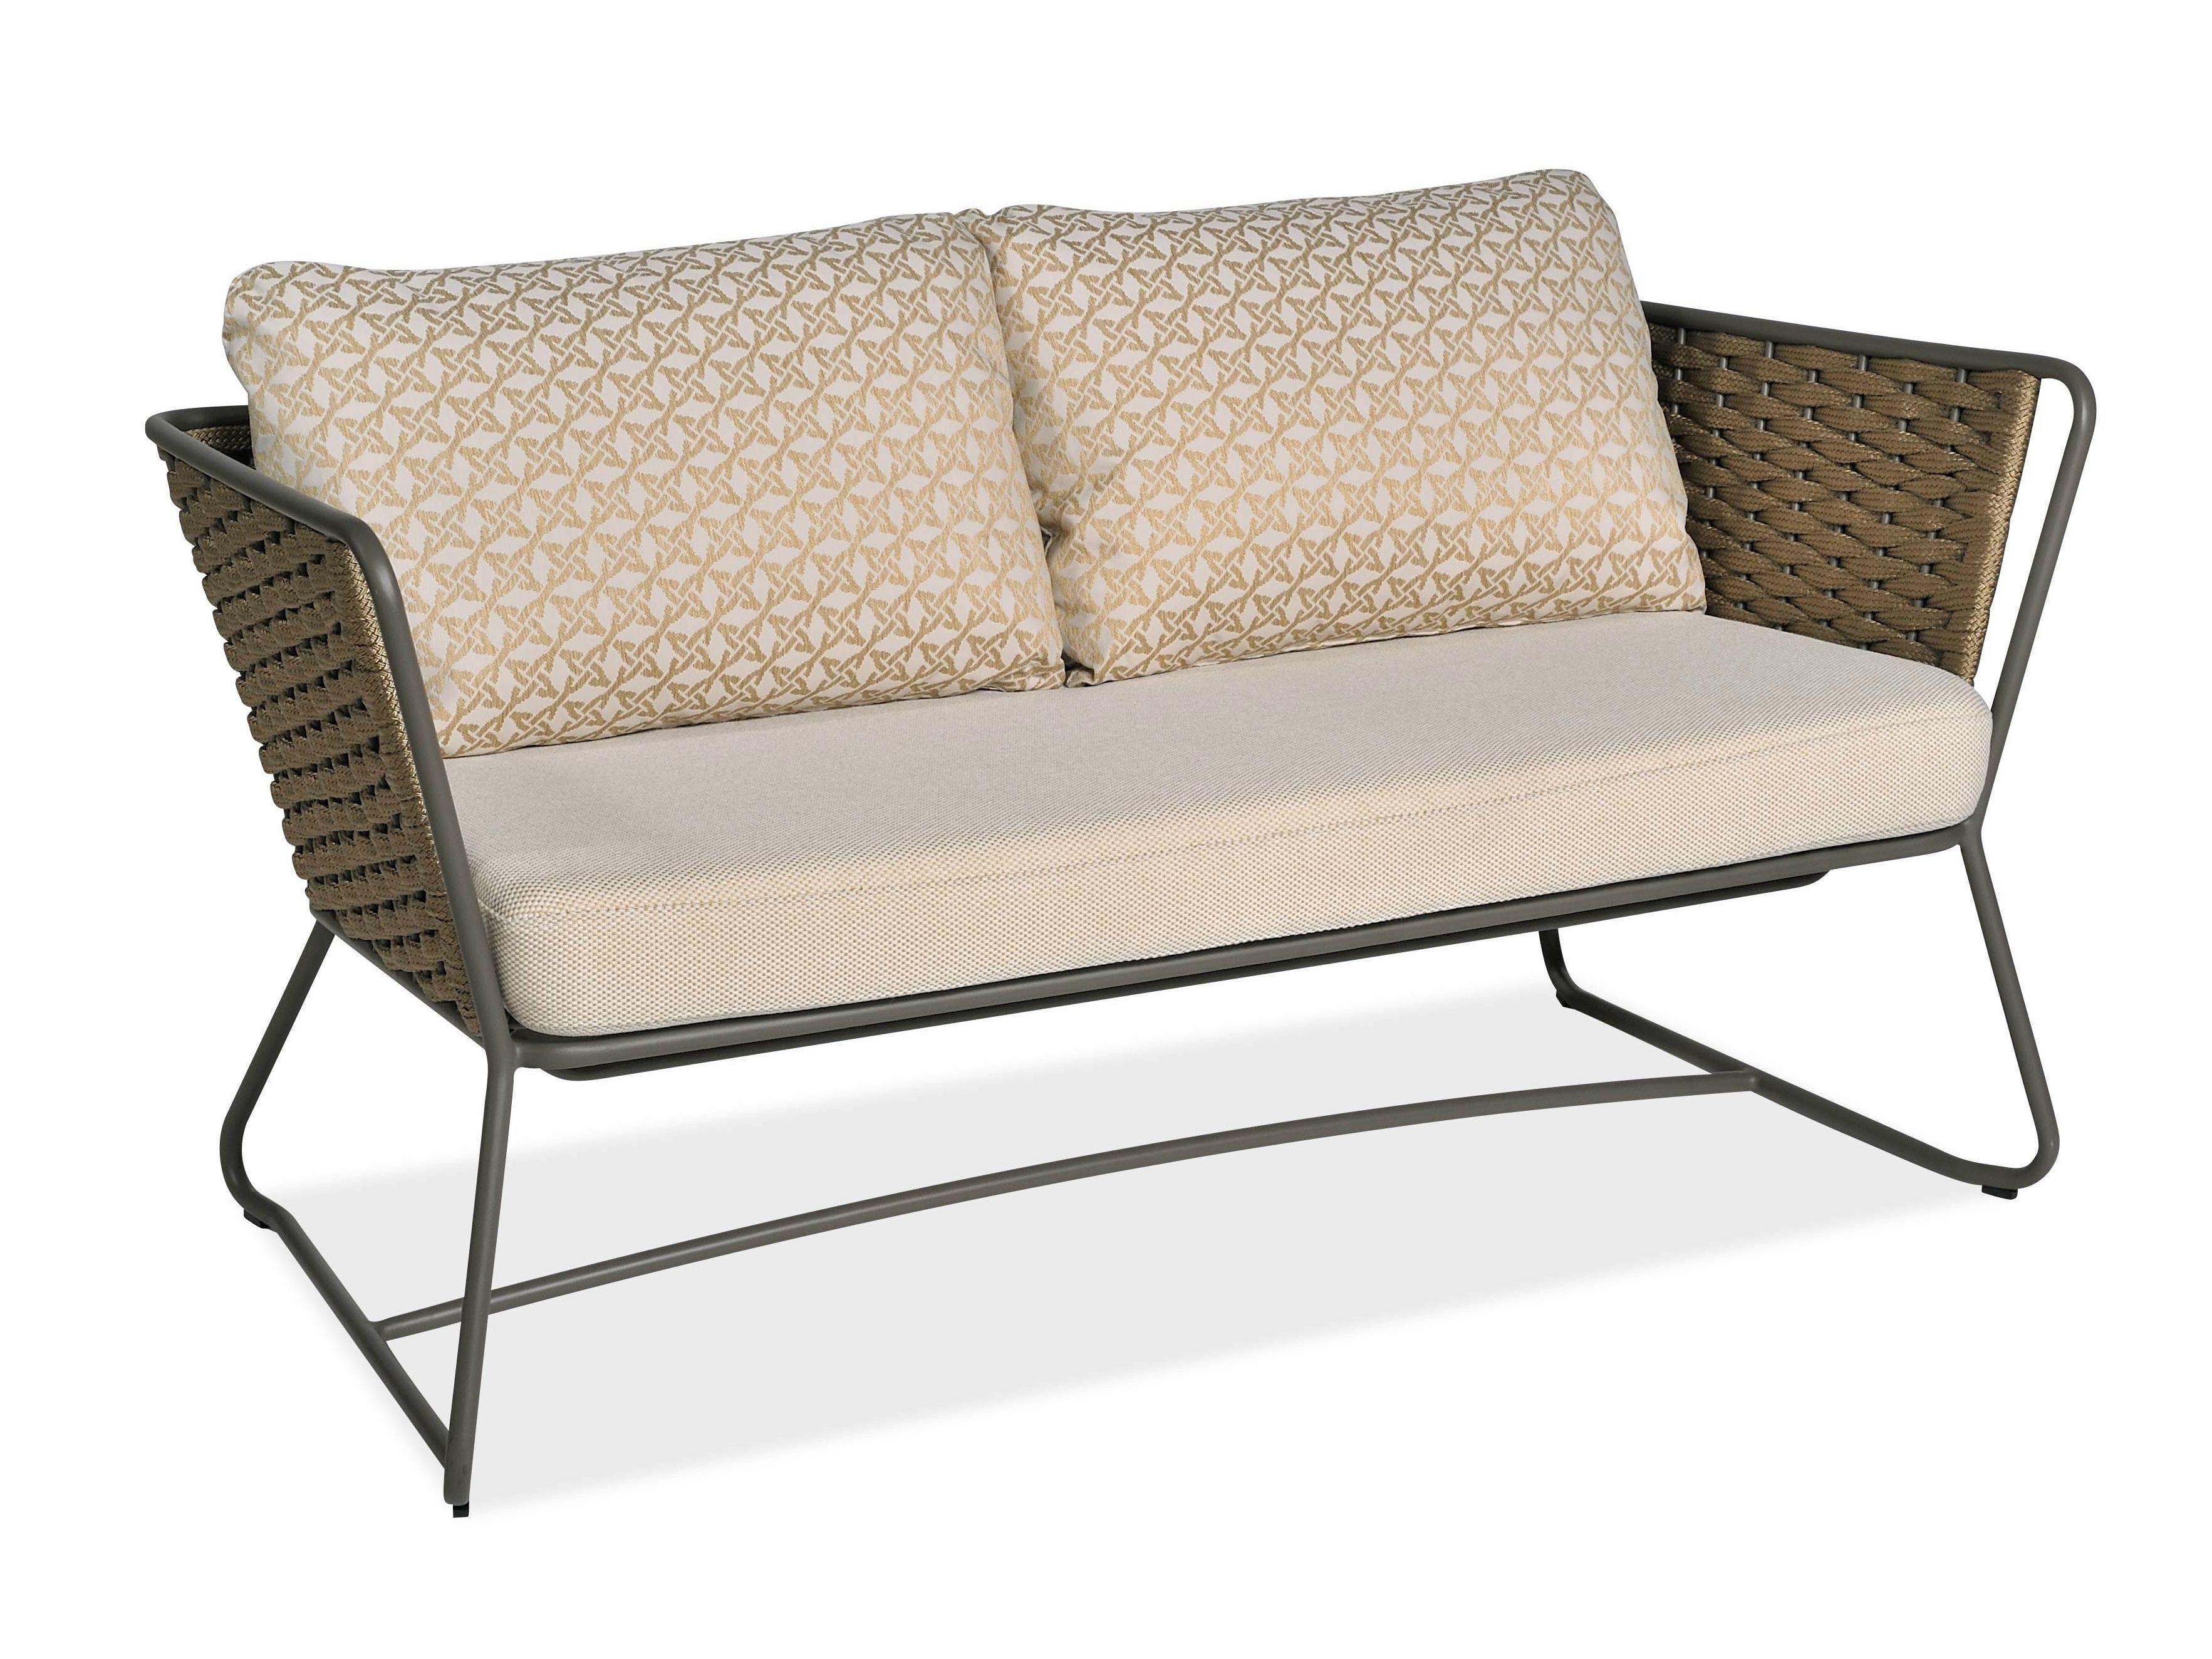 portofino divano a 2 posti by roberti rattan design studio balutto associati santiago sevillano